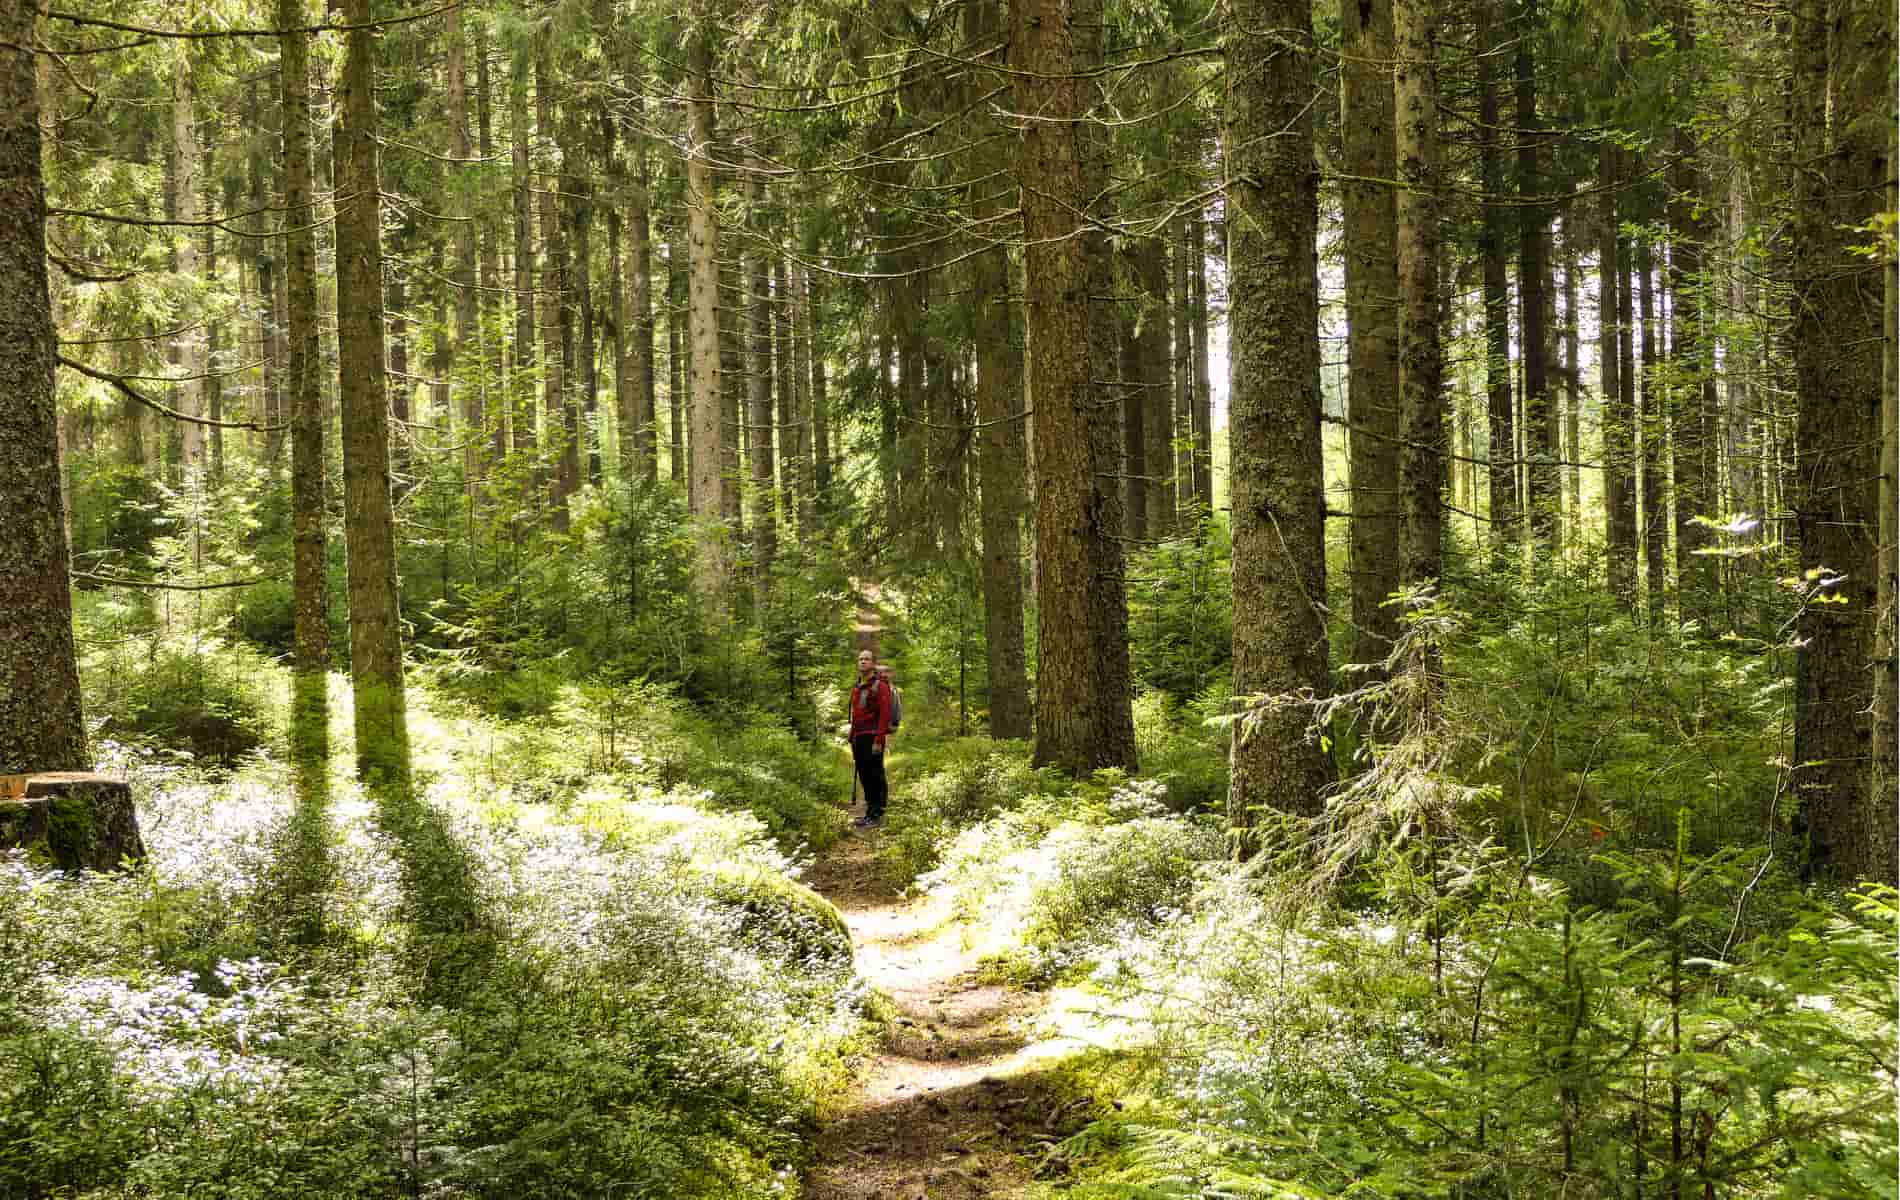 Mann steht auf schmalem Pfad im Wald